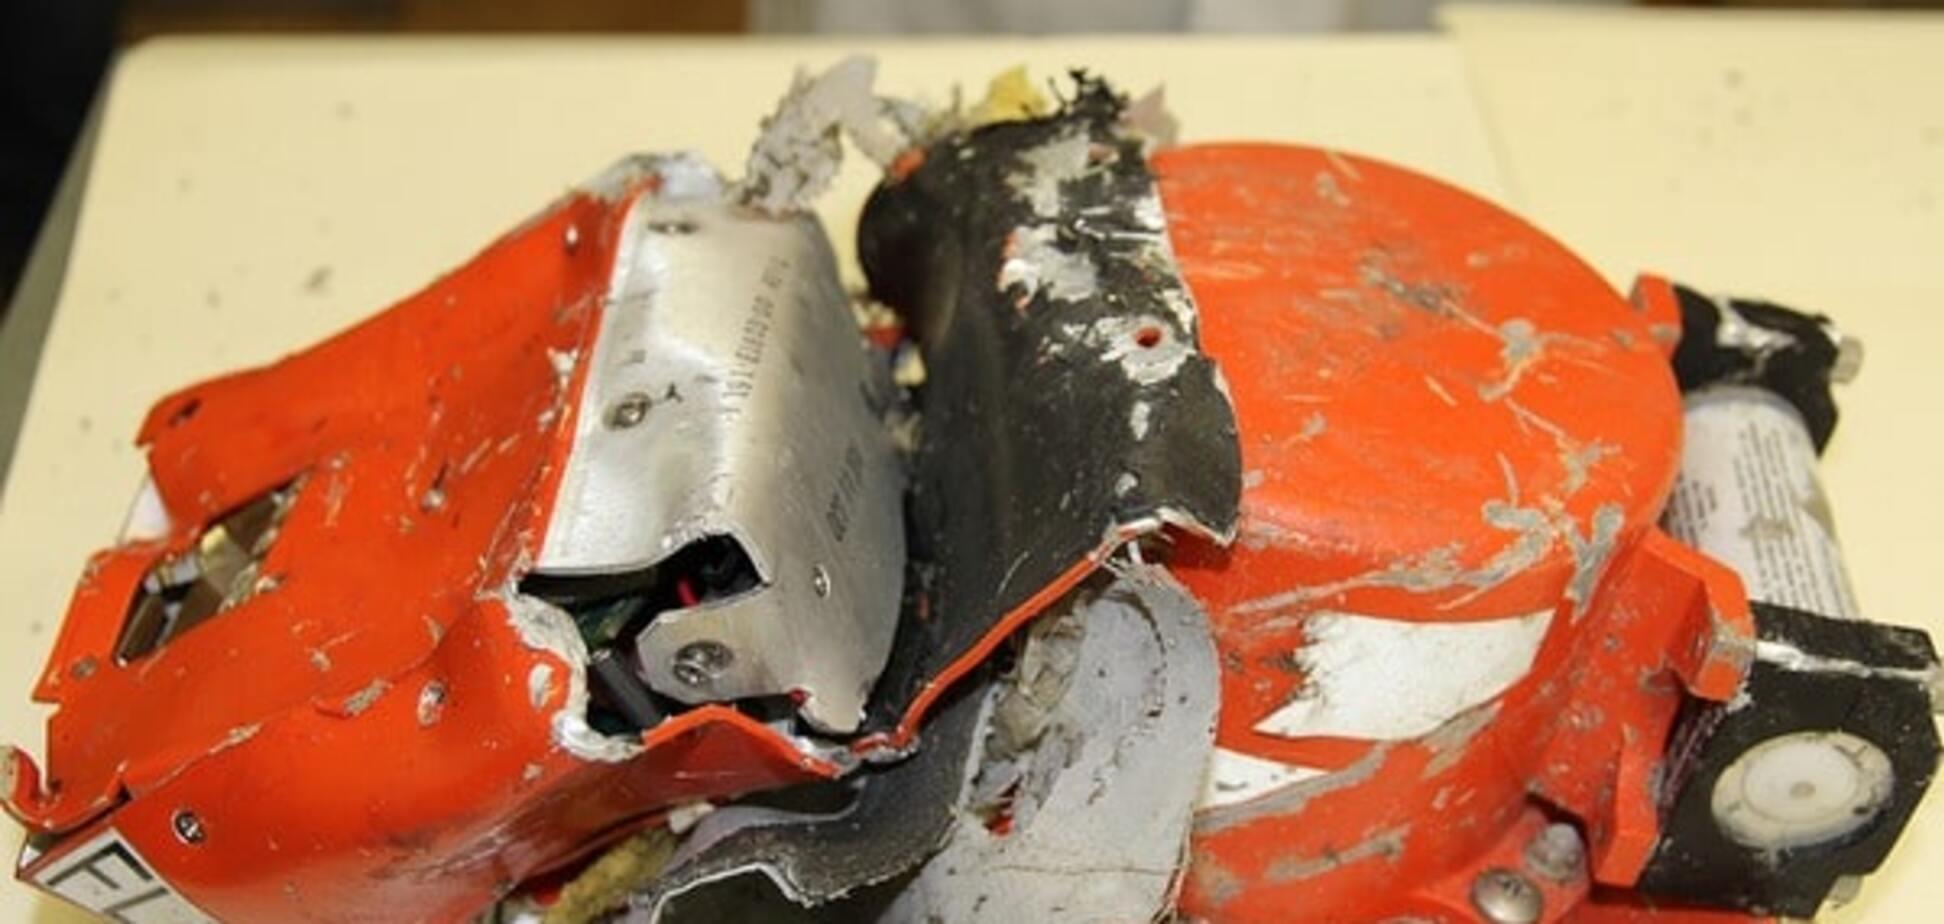 Гибель самолета в Ростове: эксперты обнаружили сильные повреждения 'черных ящиков'. Опубликованы фото